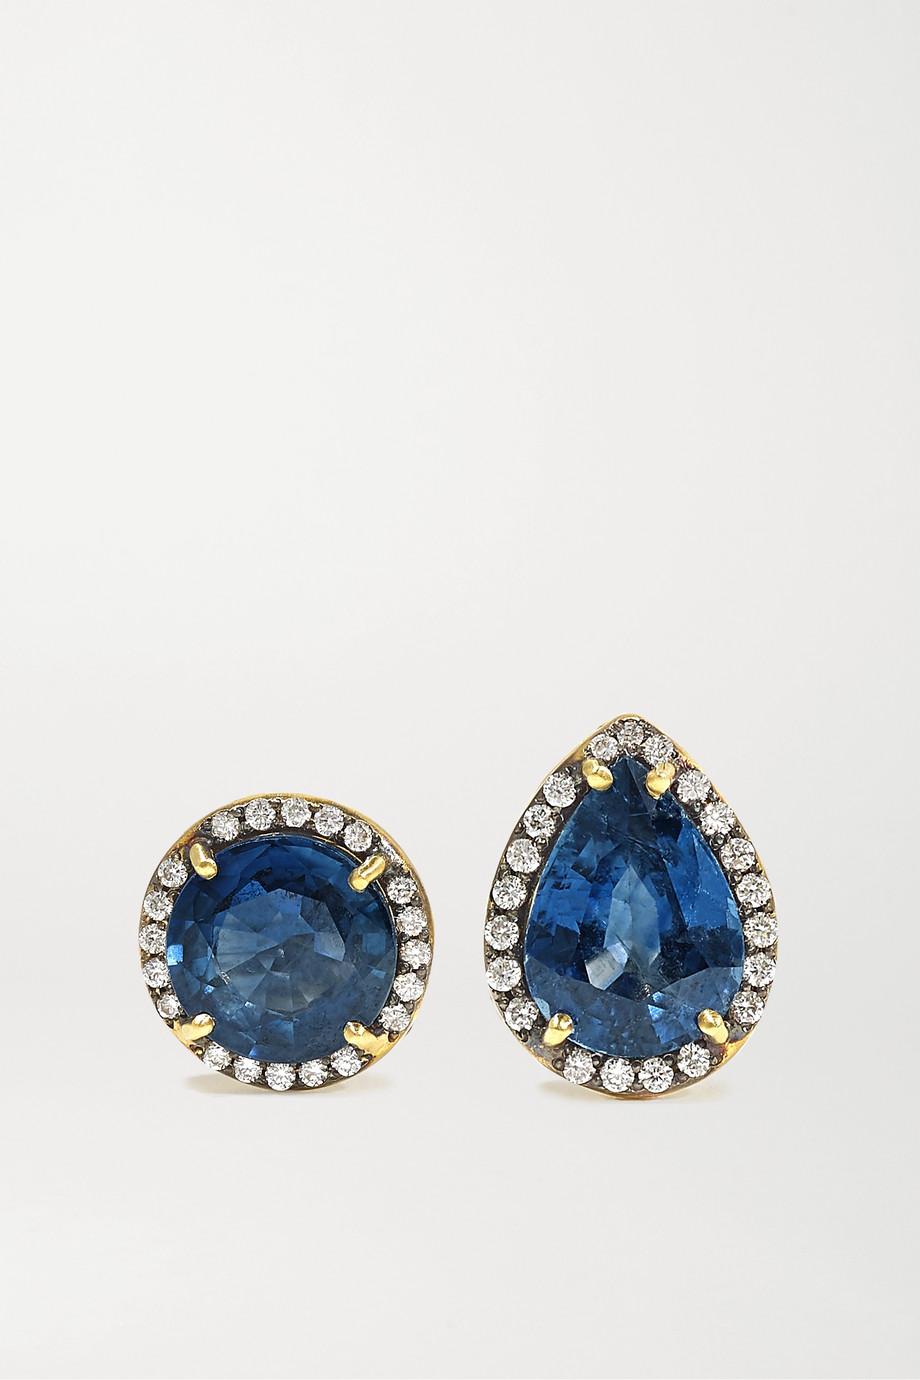 Sylva & Cie Ohrringe aus 18 Karat Gold mit Saphiren und Diamanten